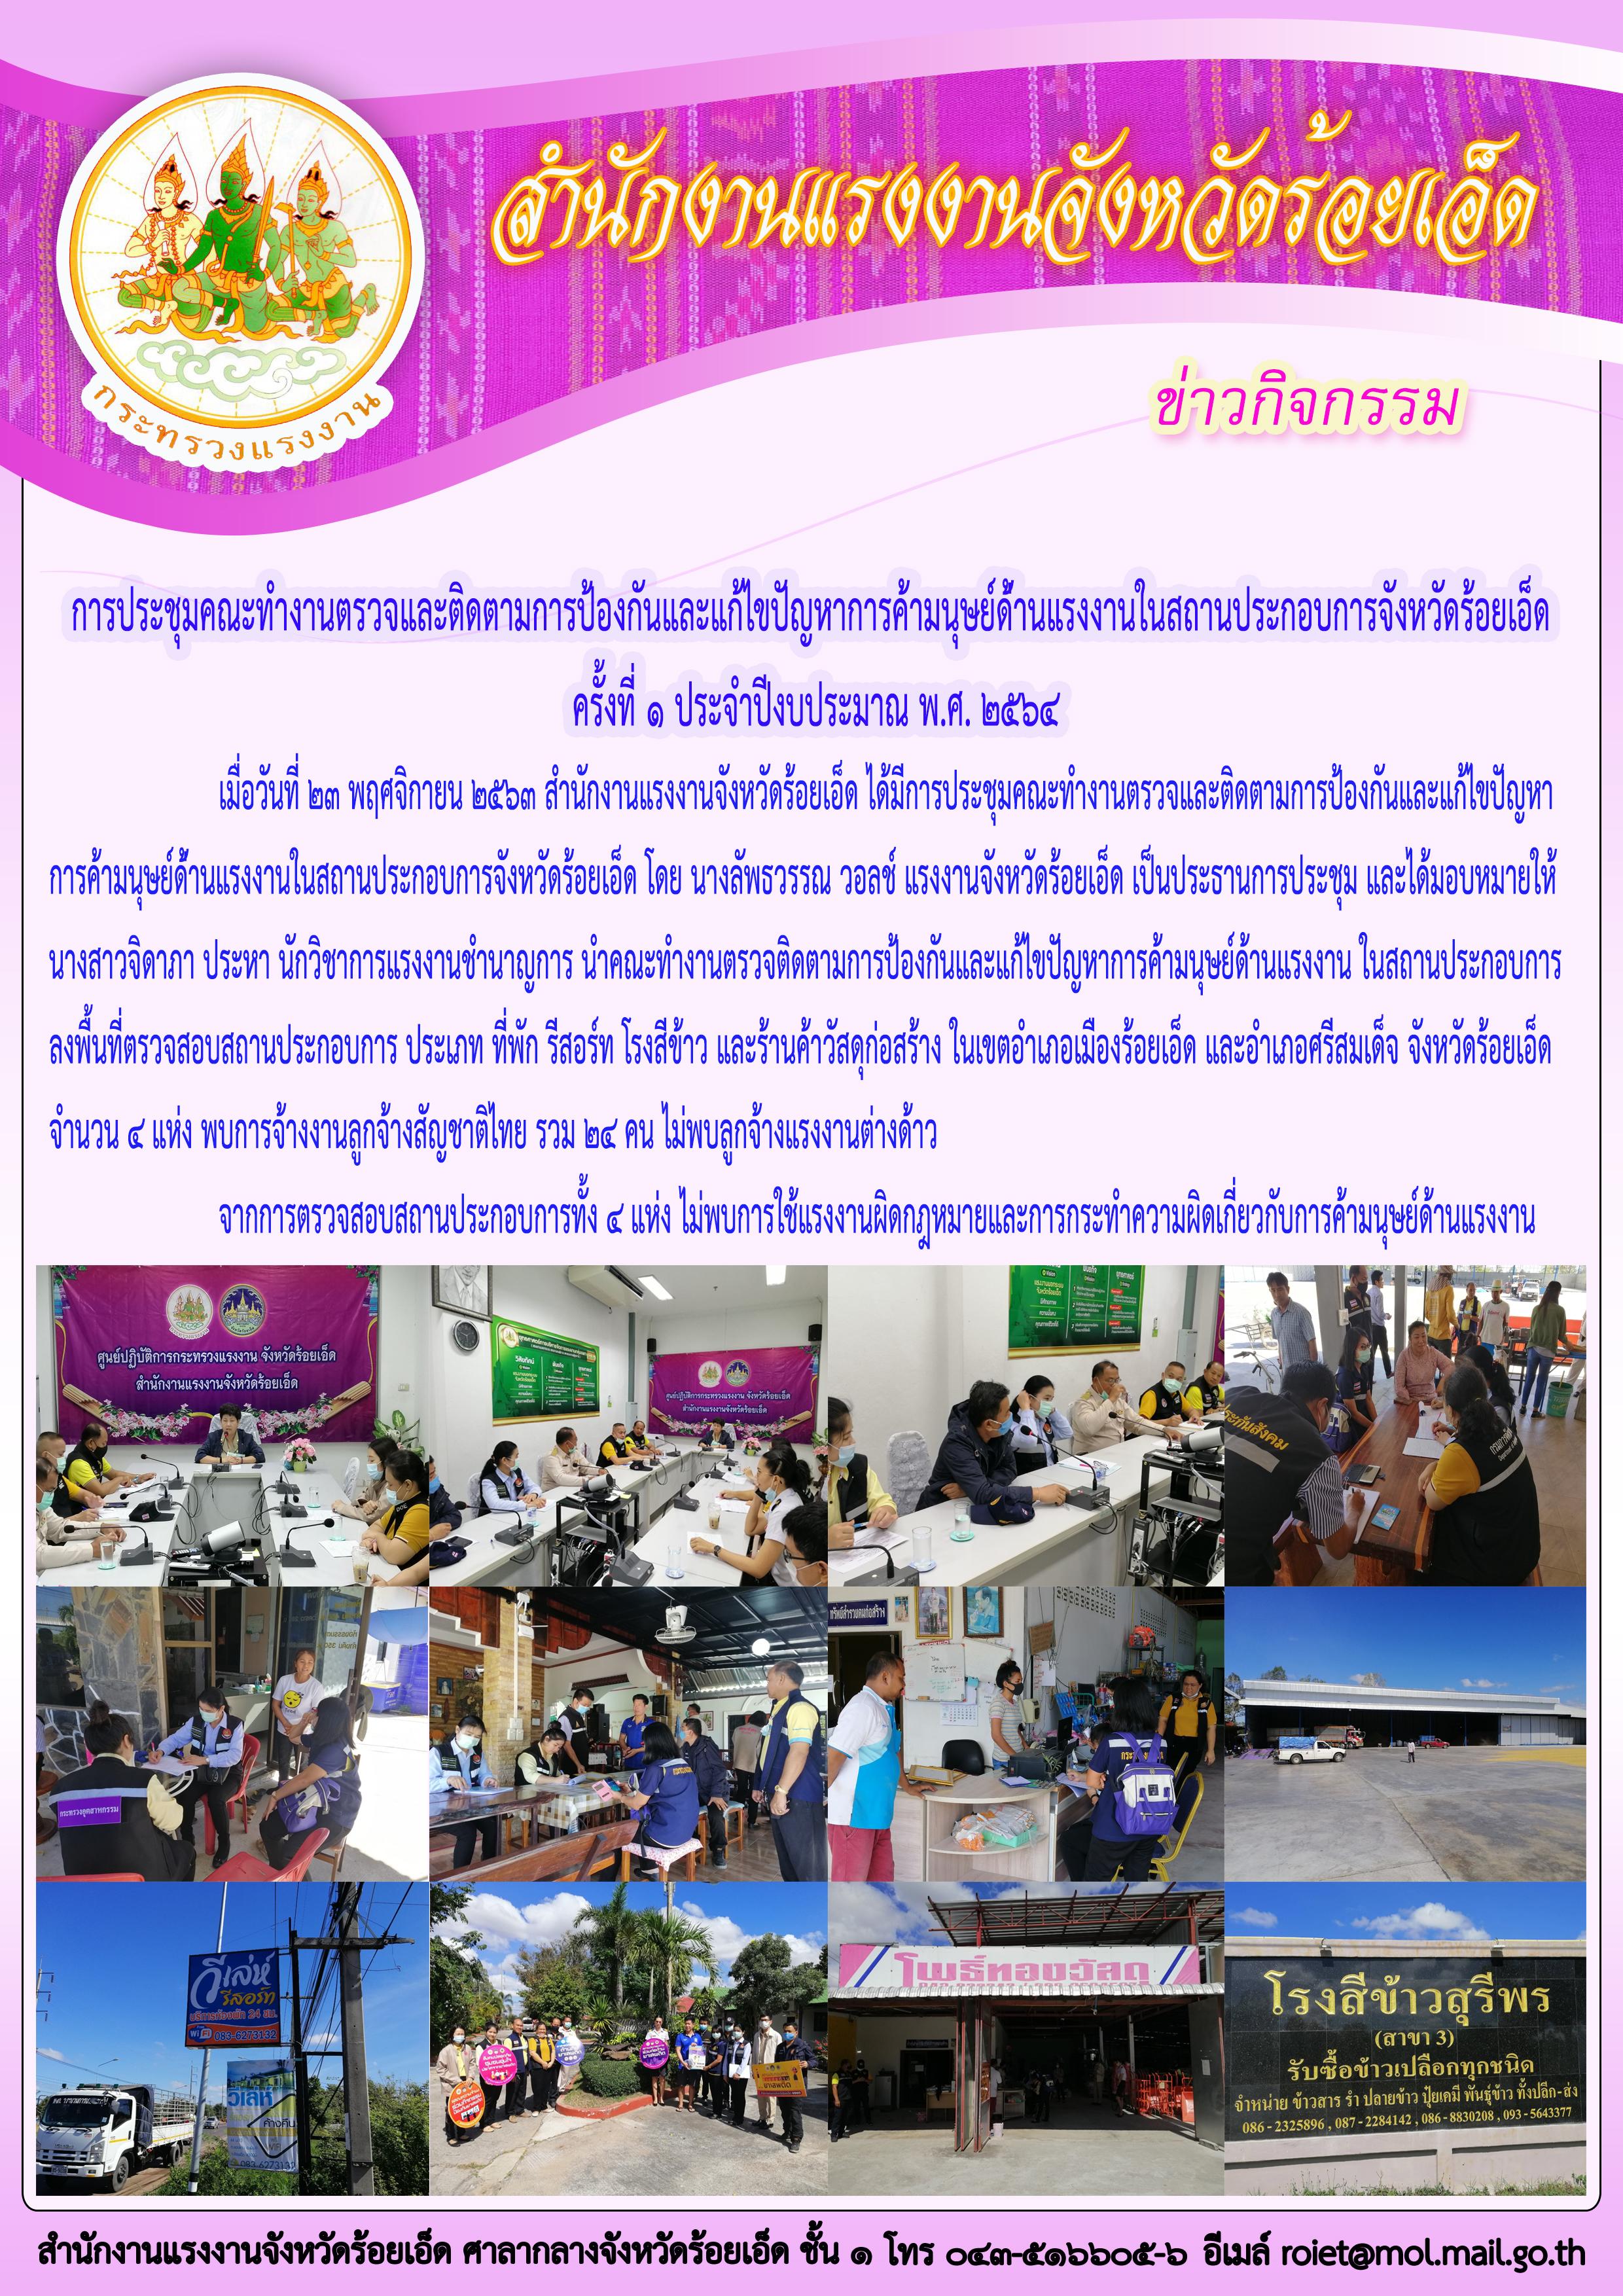 การประชุมและออกตรวจติดตามการป้องกันและแก้ไขปัญหาการค้ามนุษย์ด้านแรงงานในสถานประกอบการ ครั้งที่ 1/2564